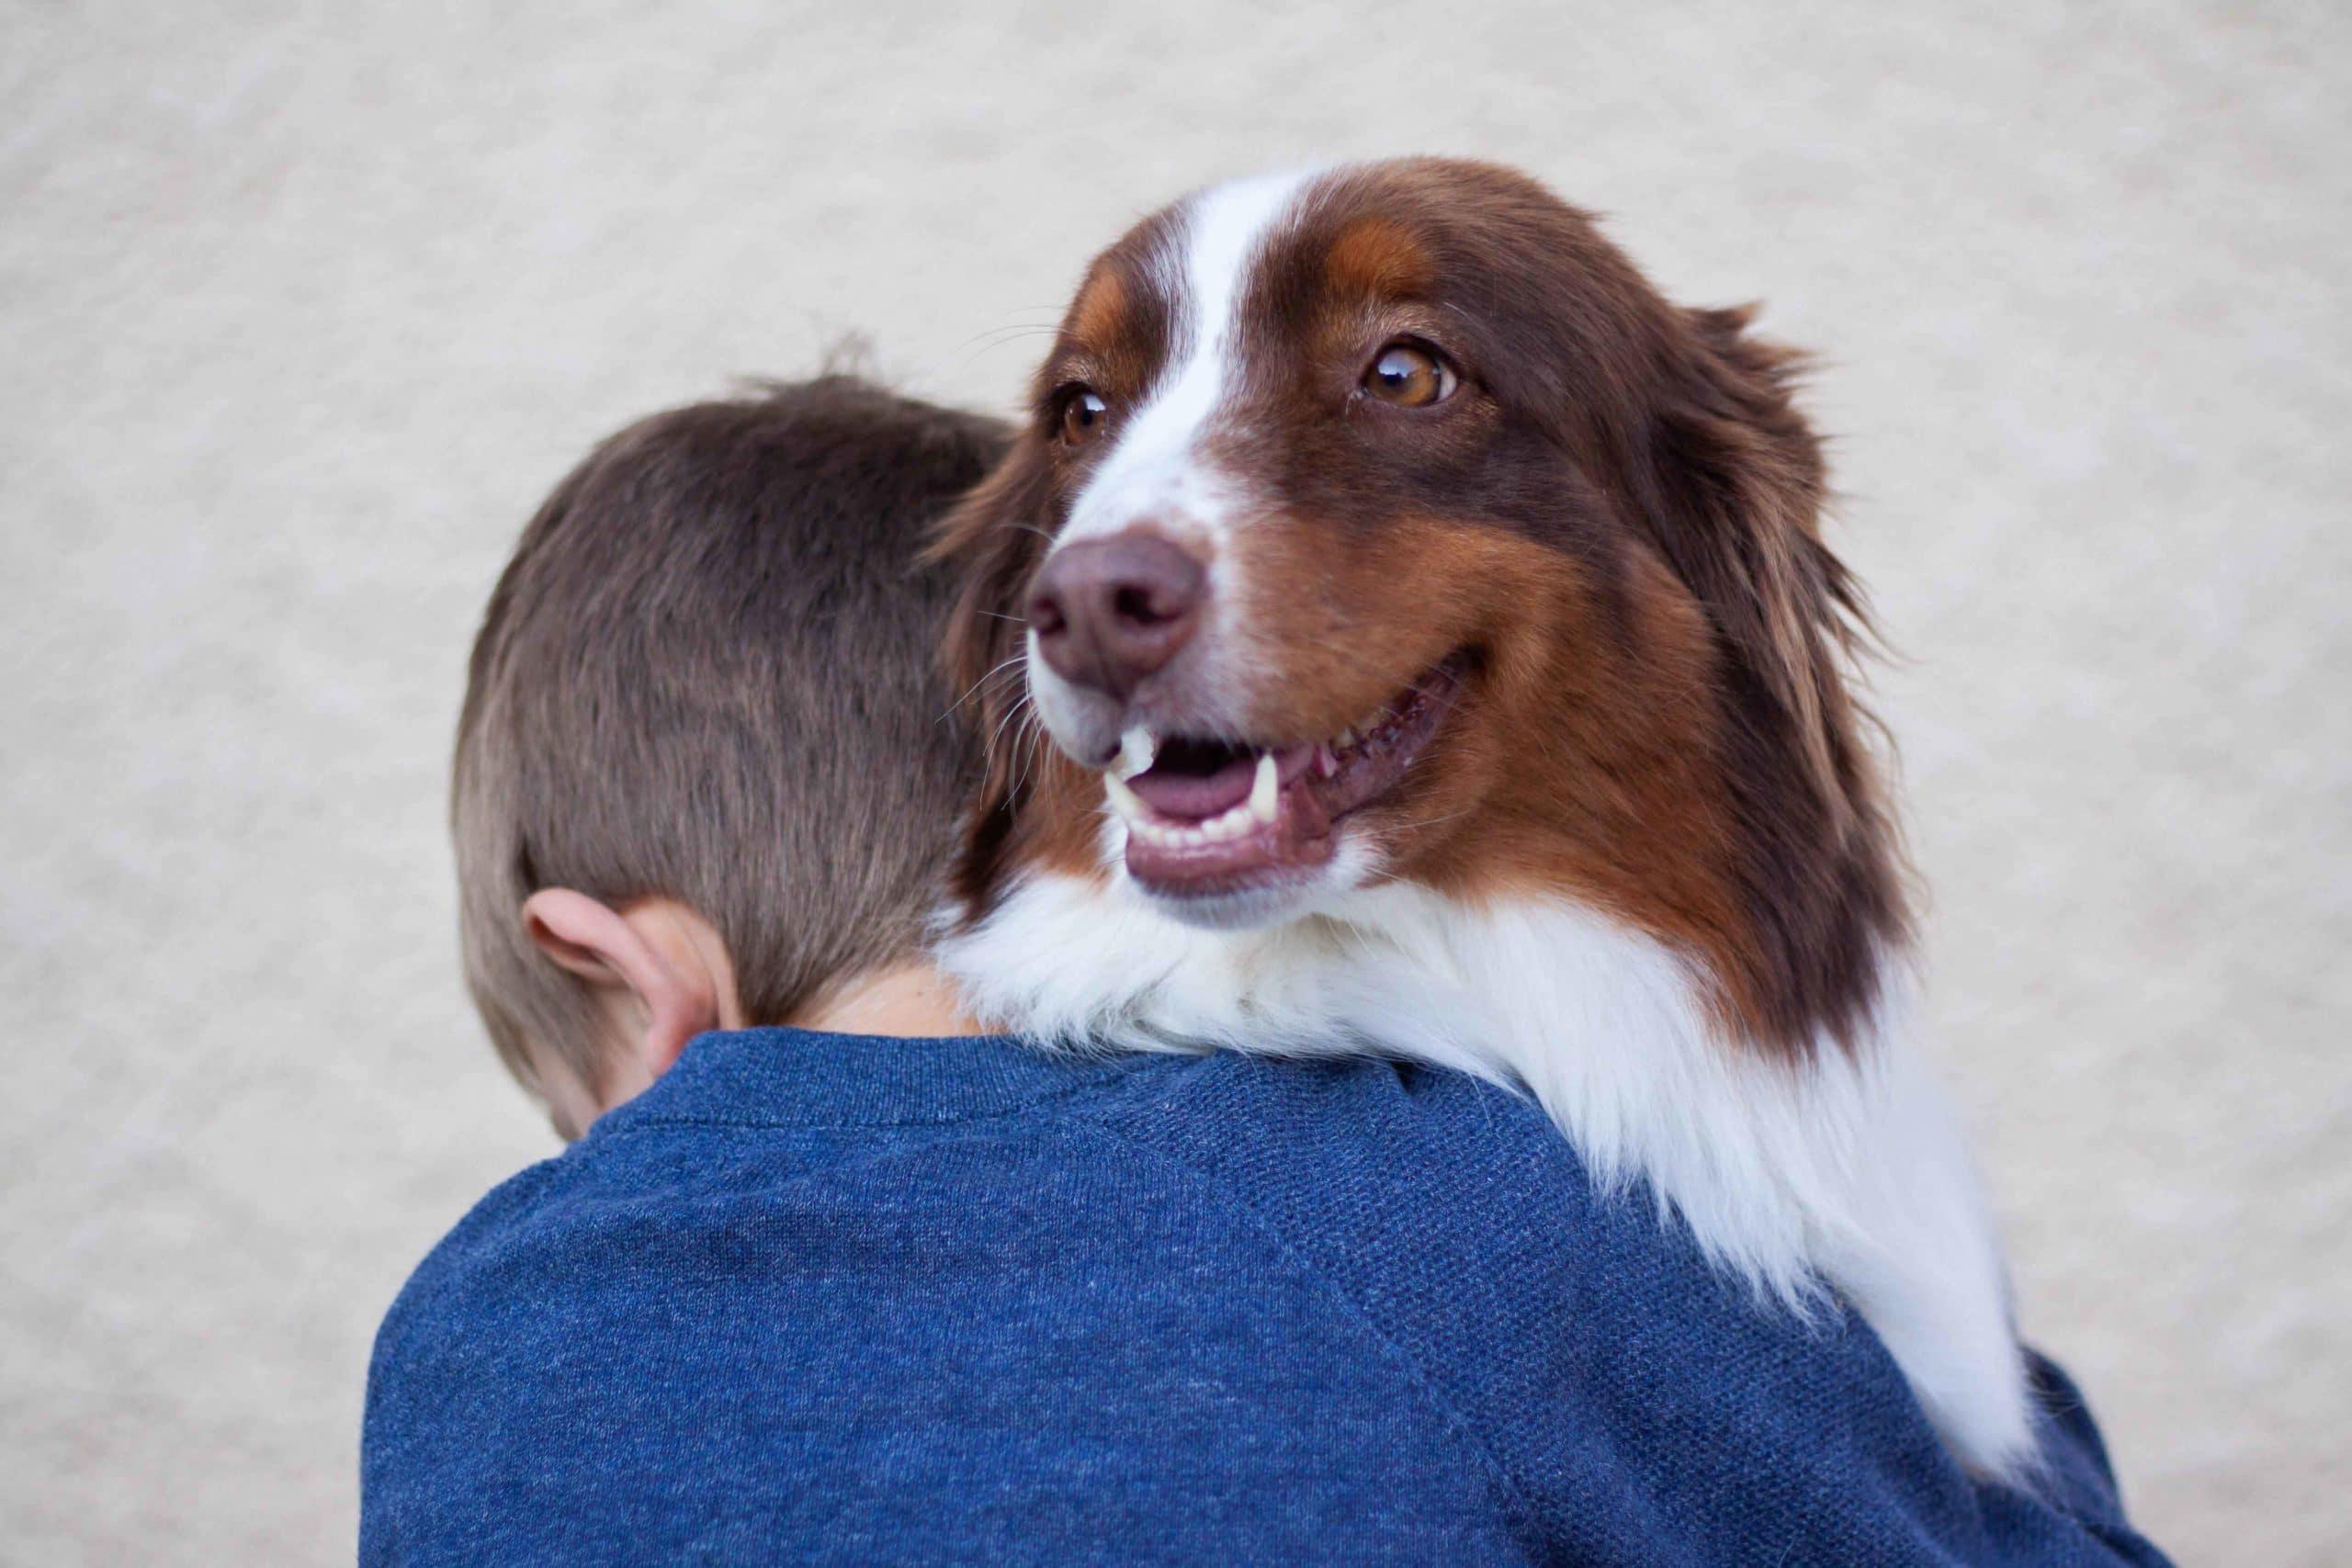 conseils pour l'adoption et la relation entre un gentil chien et un enfant